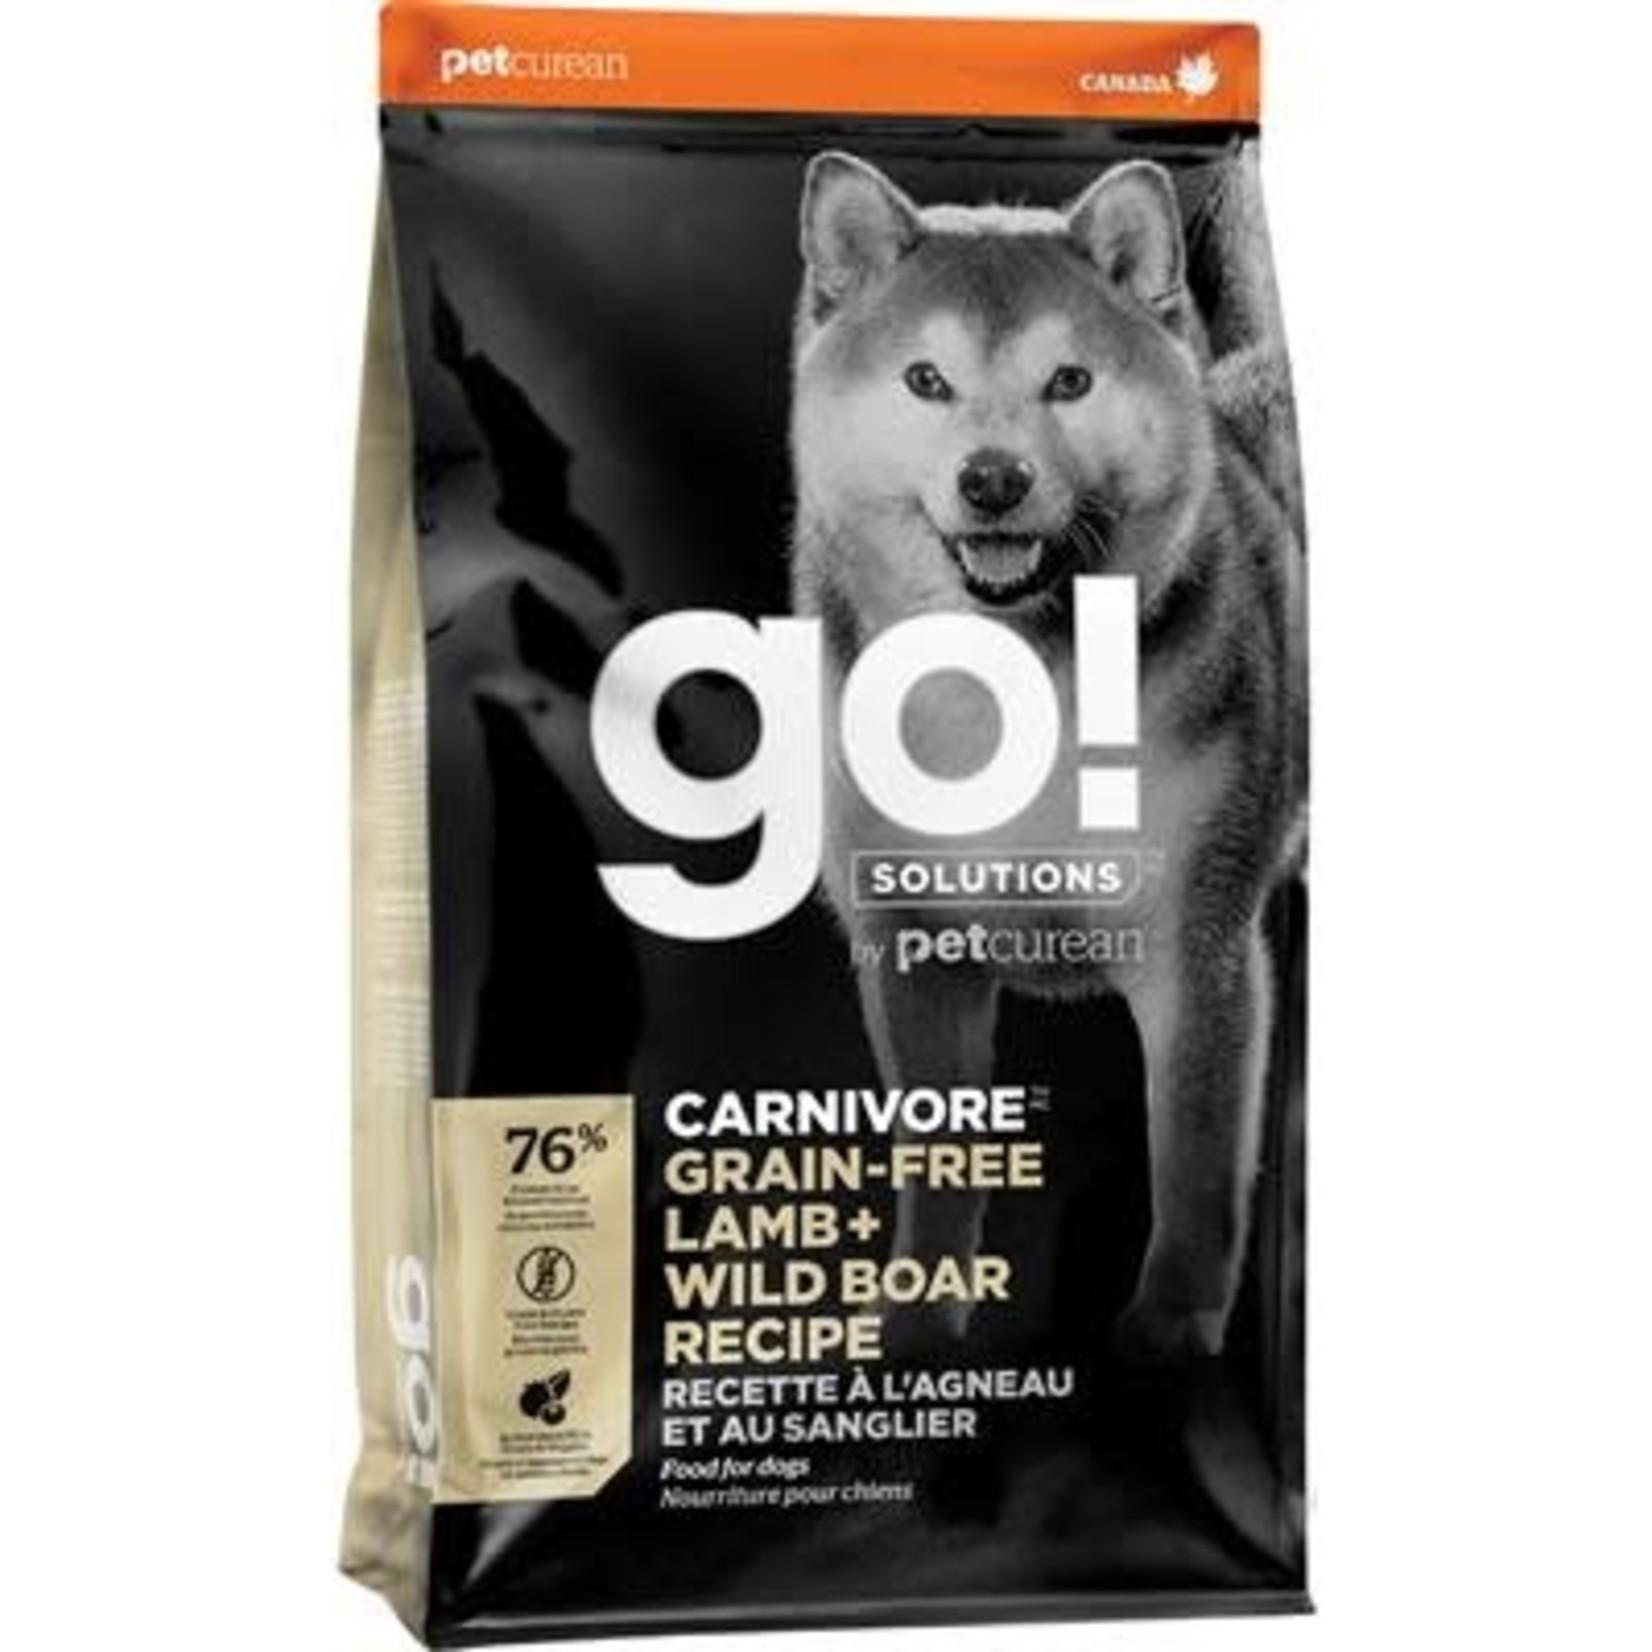 Go! Go! Grain free lamb & Wild Boar